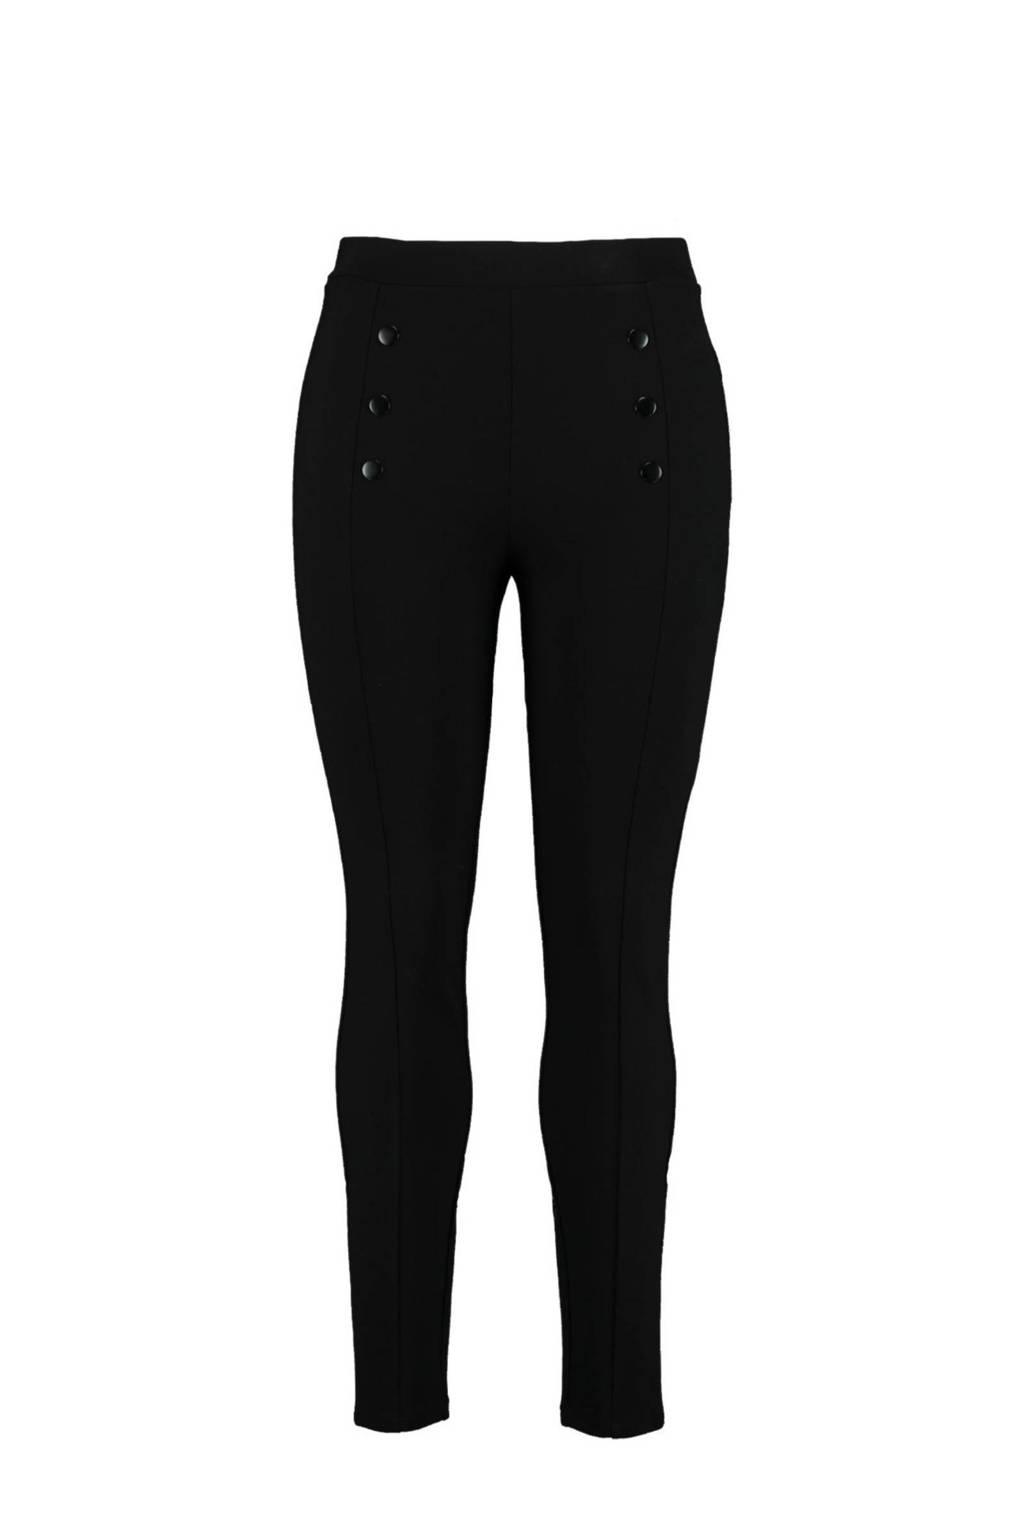 MS Mode Plus Size tregging zwart, Zwart